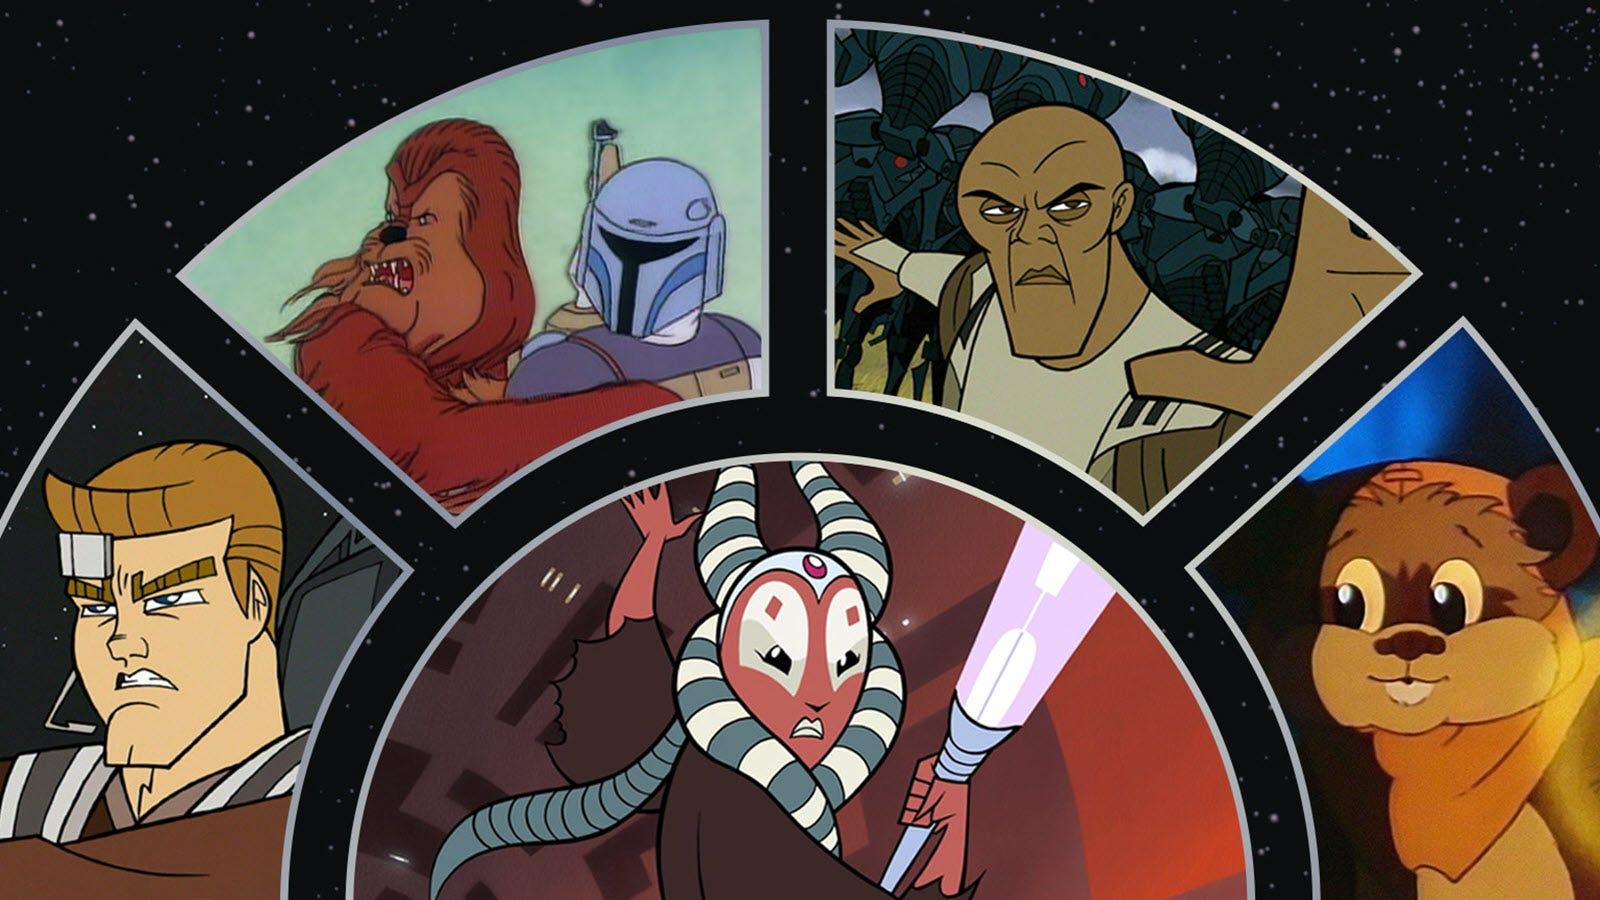 Disney + un grupo de viejas caricaturas y películas de 'Star Wars' agregadas 12